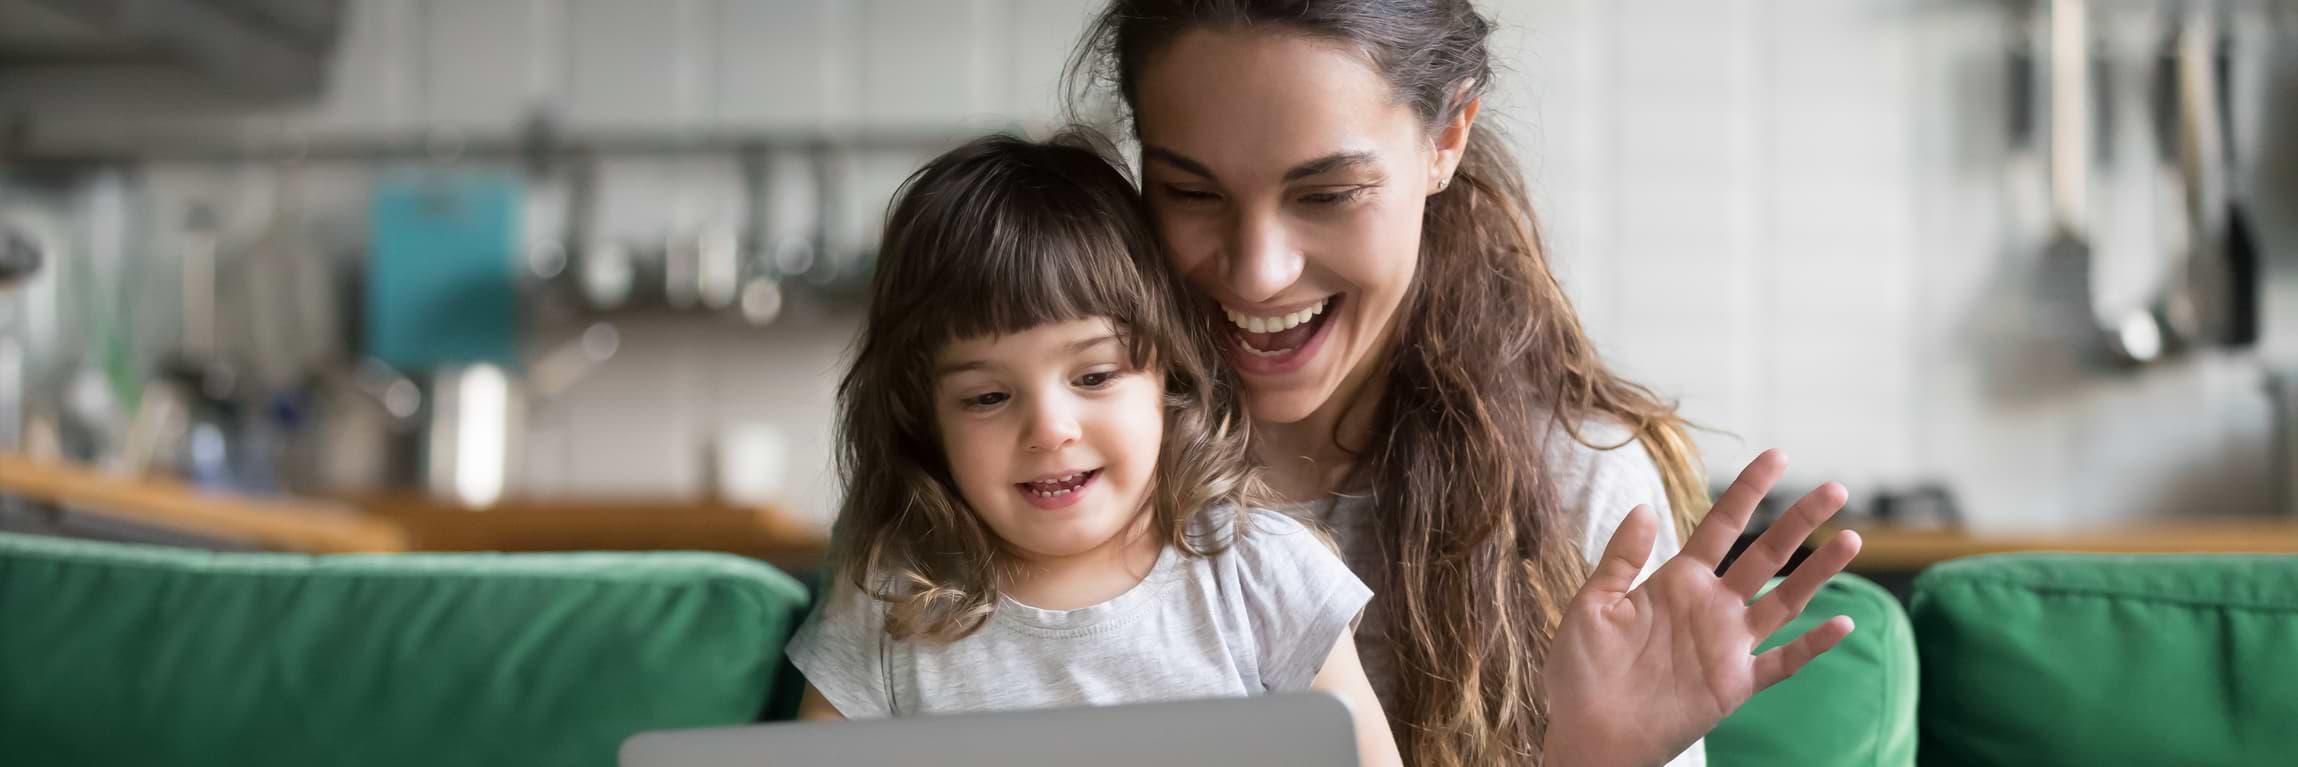 Kvinna med barn amorterar på lån via datorn